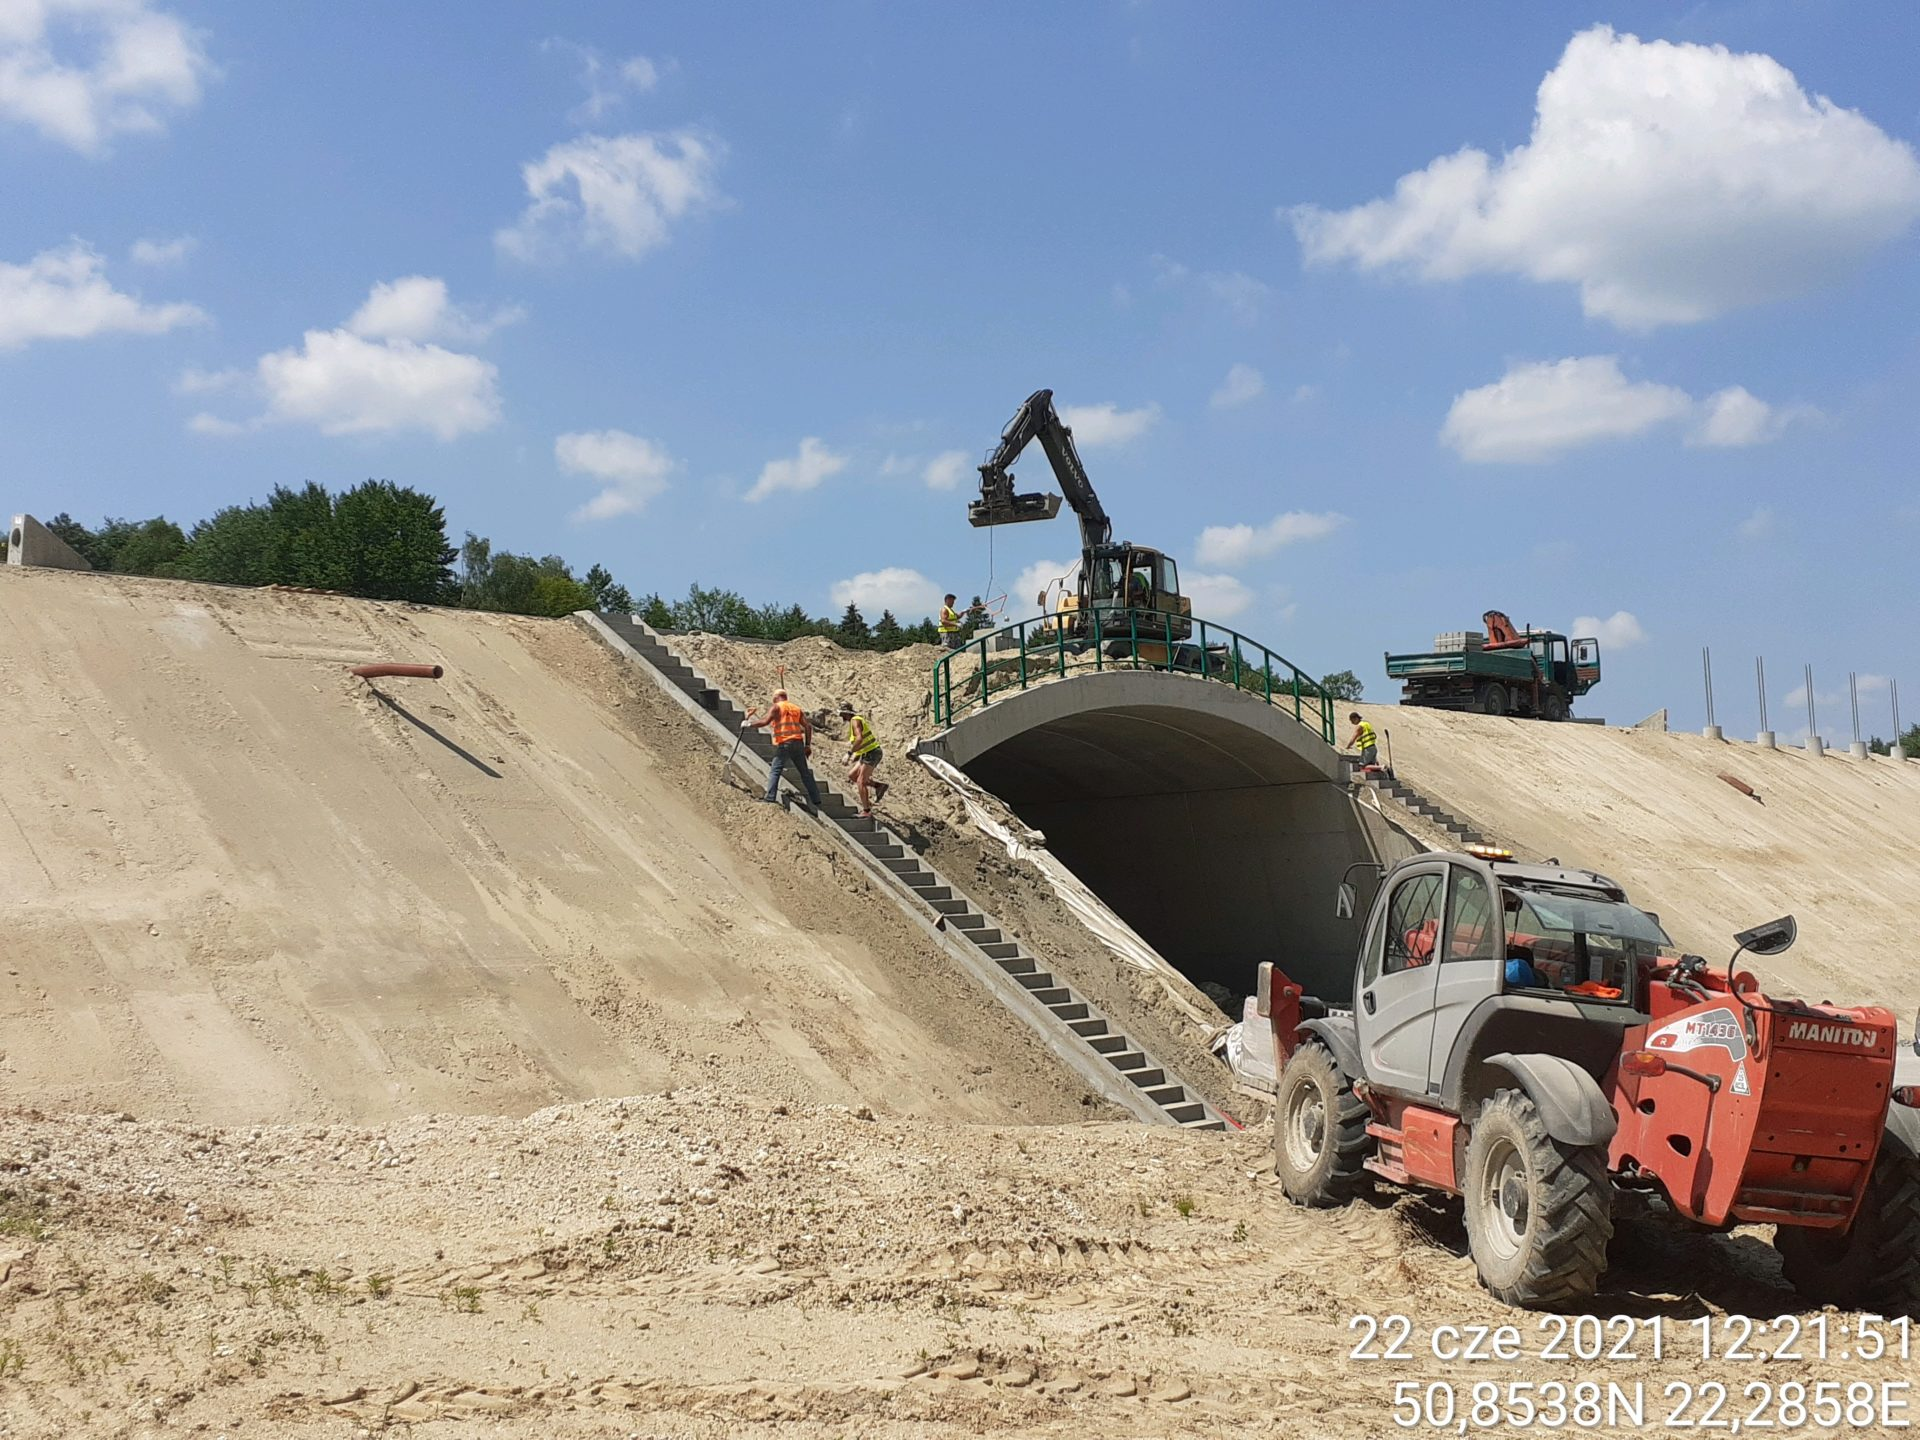 Wykonanie schodów betonowych na obiekcie WS-3 1+855